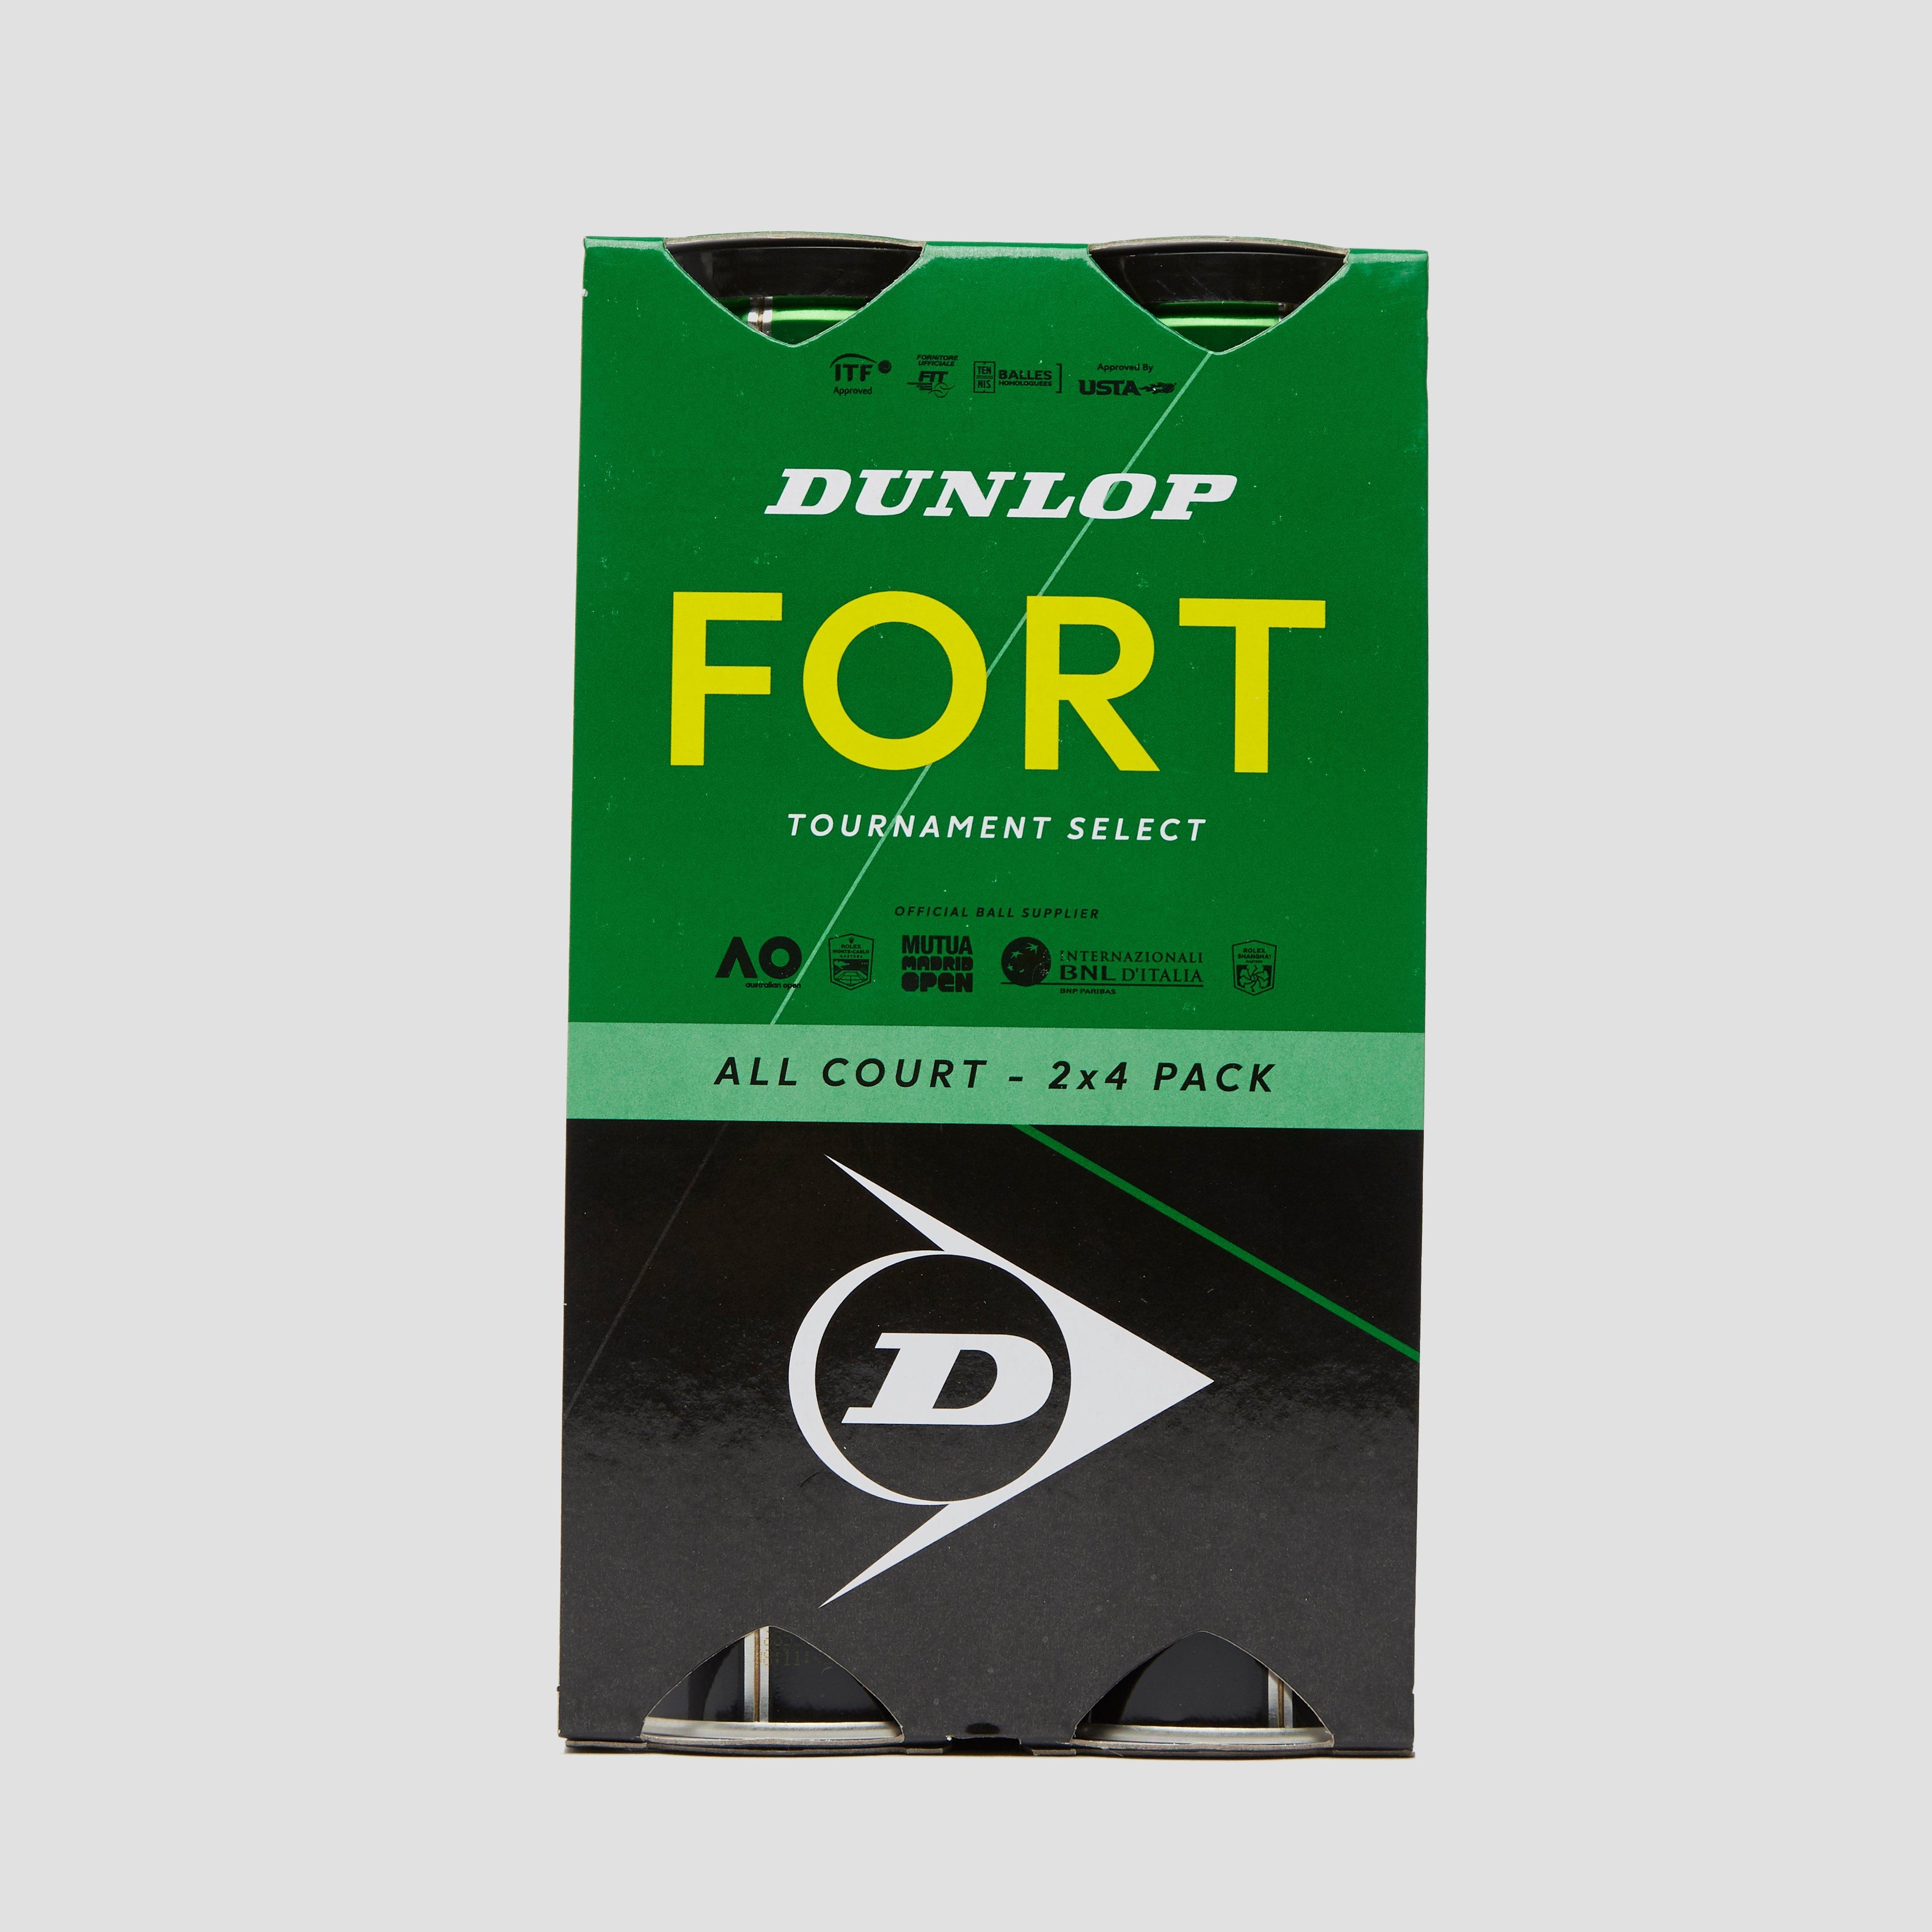 DUNLOP FORT All COURT 2X4 PACK TENNISBALLEN